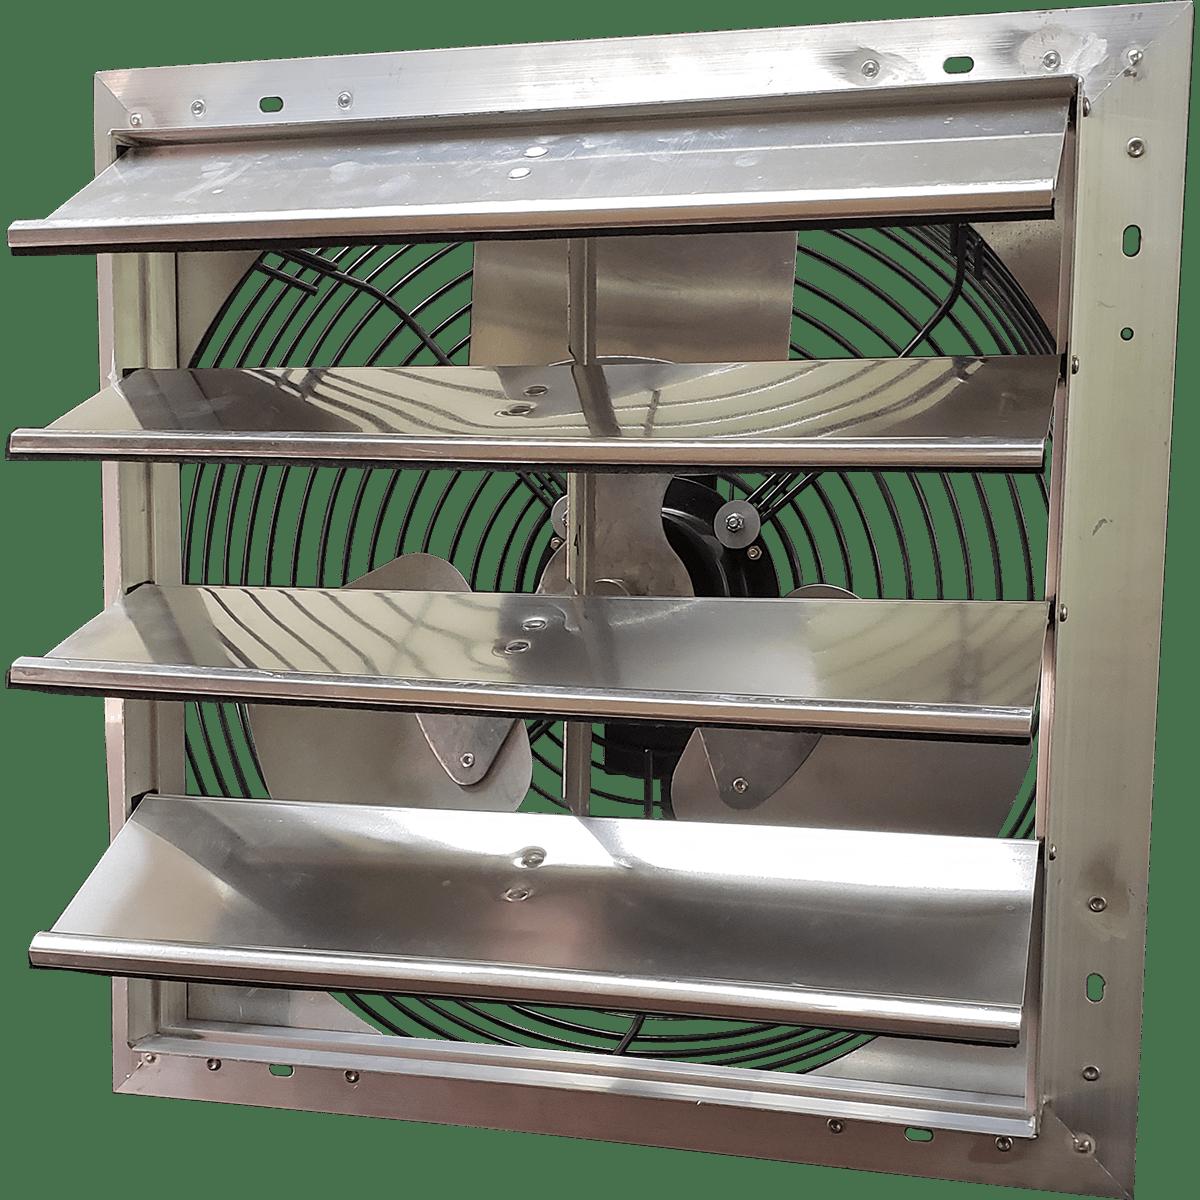 Bathroom Fan Replacement Motor Power Gable Mount Attic Ventilator Fan